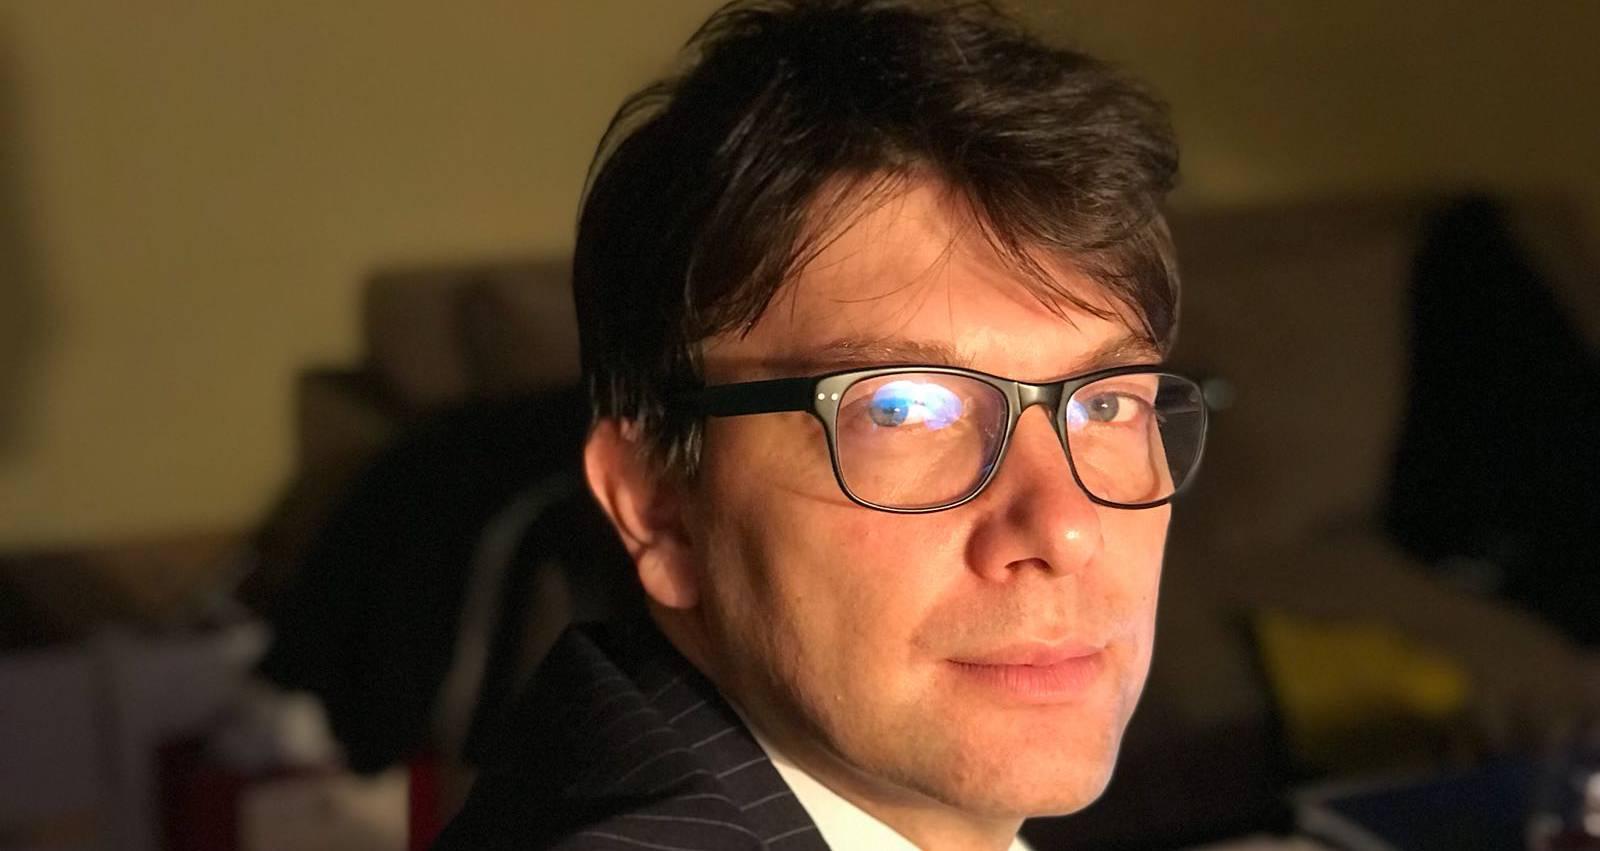 Јовановић: Вучић нижим цензусом хоће да праву опозицију замени лажном